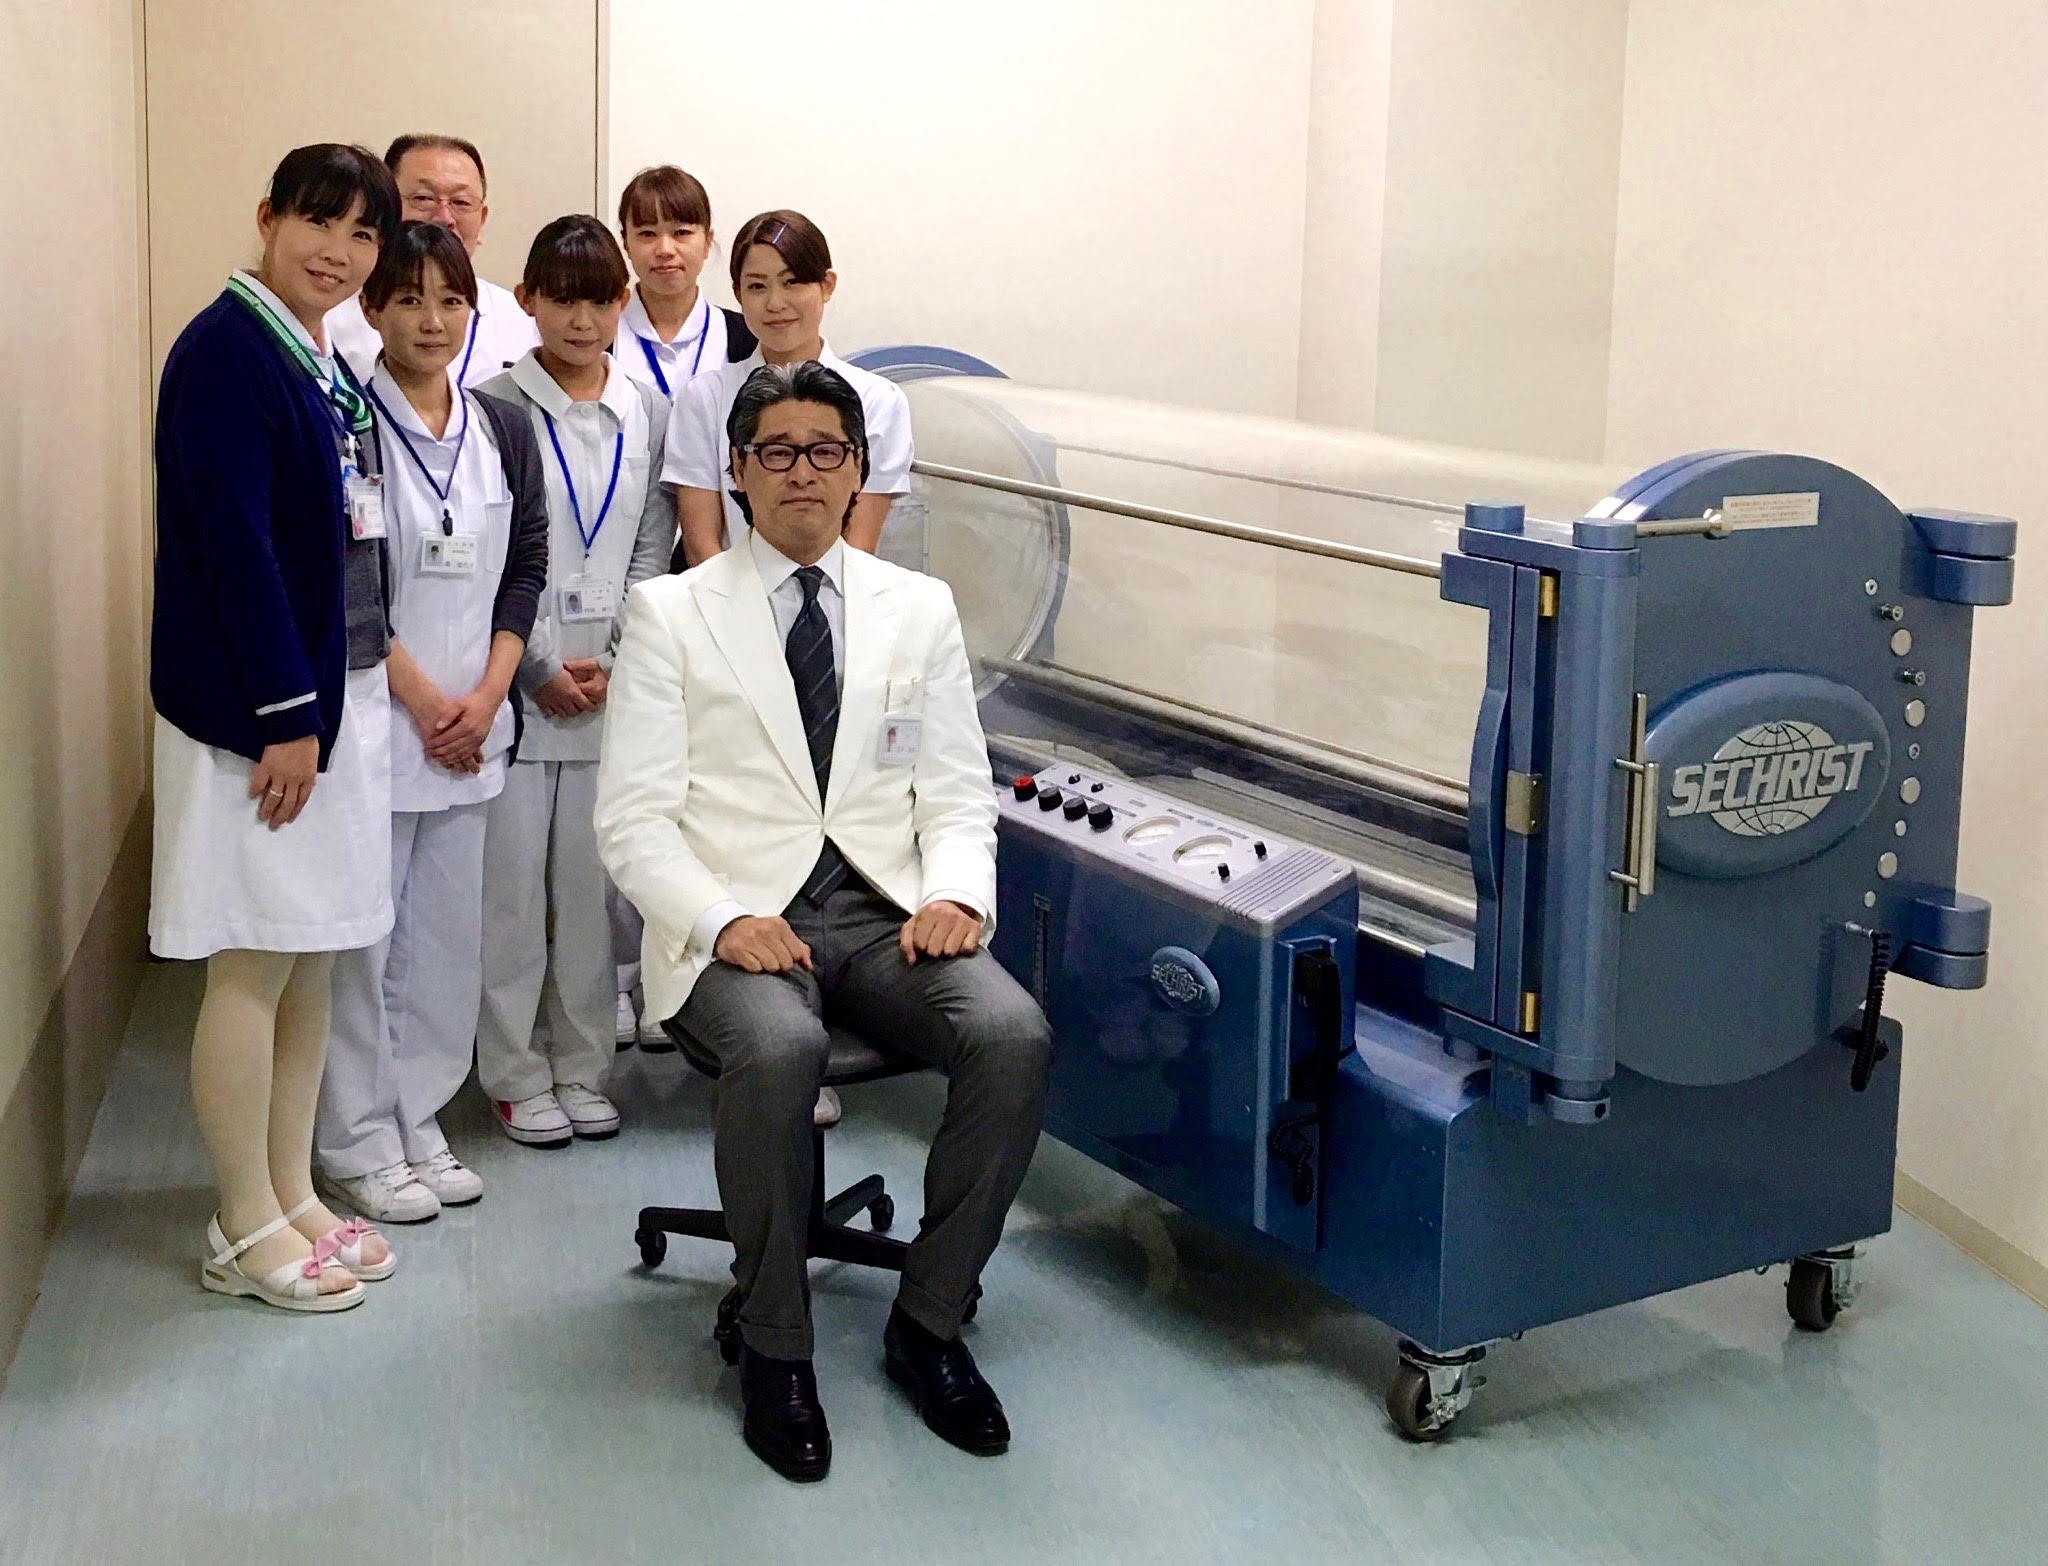 玉木病院高気圧治療部